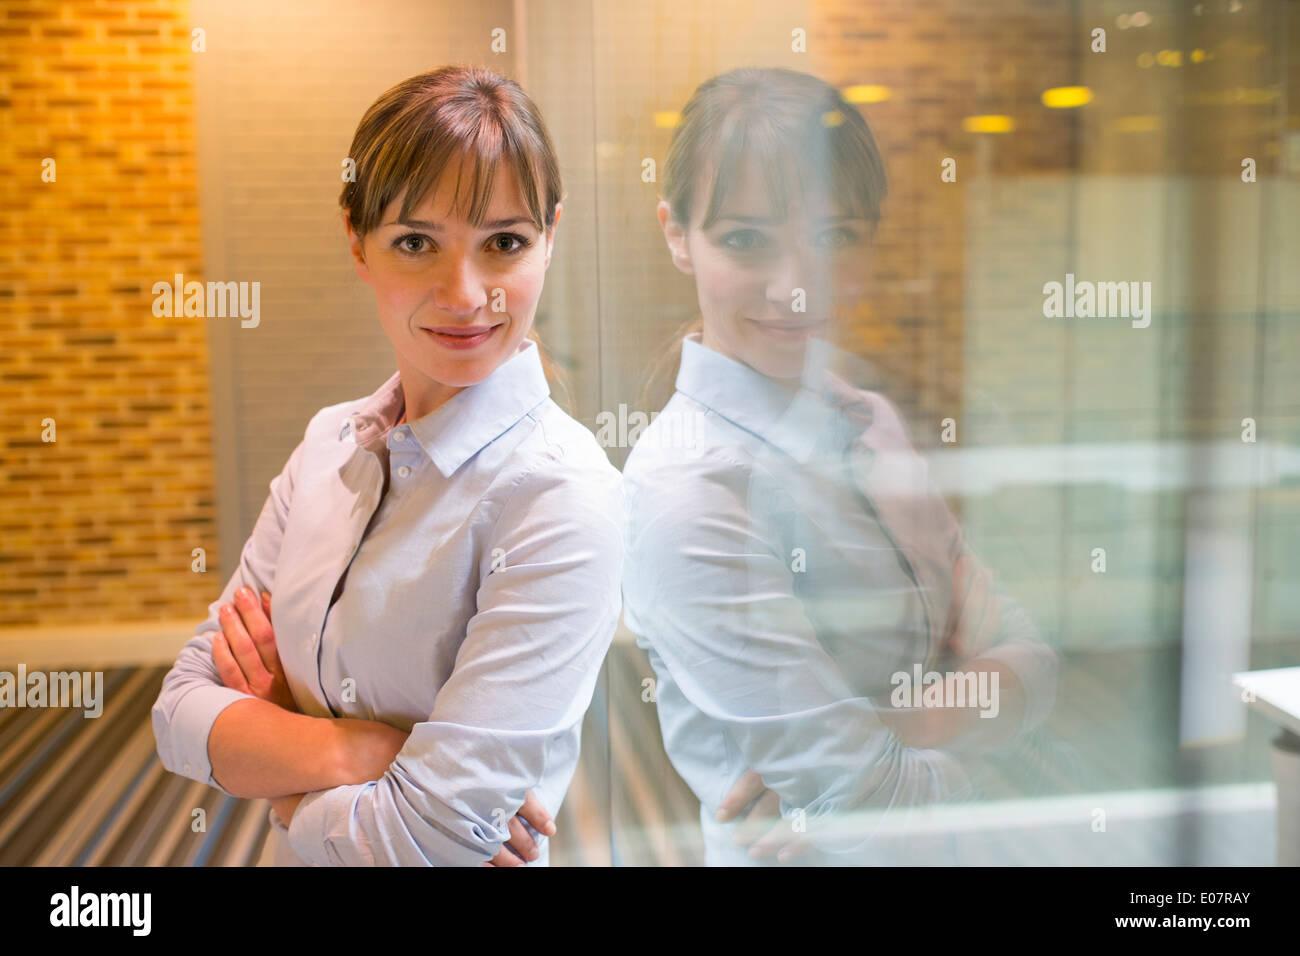 Démarrage d'entreprise des femmes à la recherche d'étudiant de l'appareil photo Banque D'Images